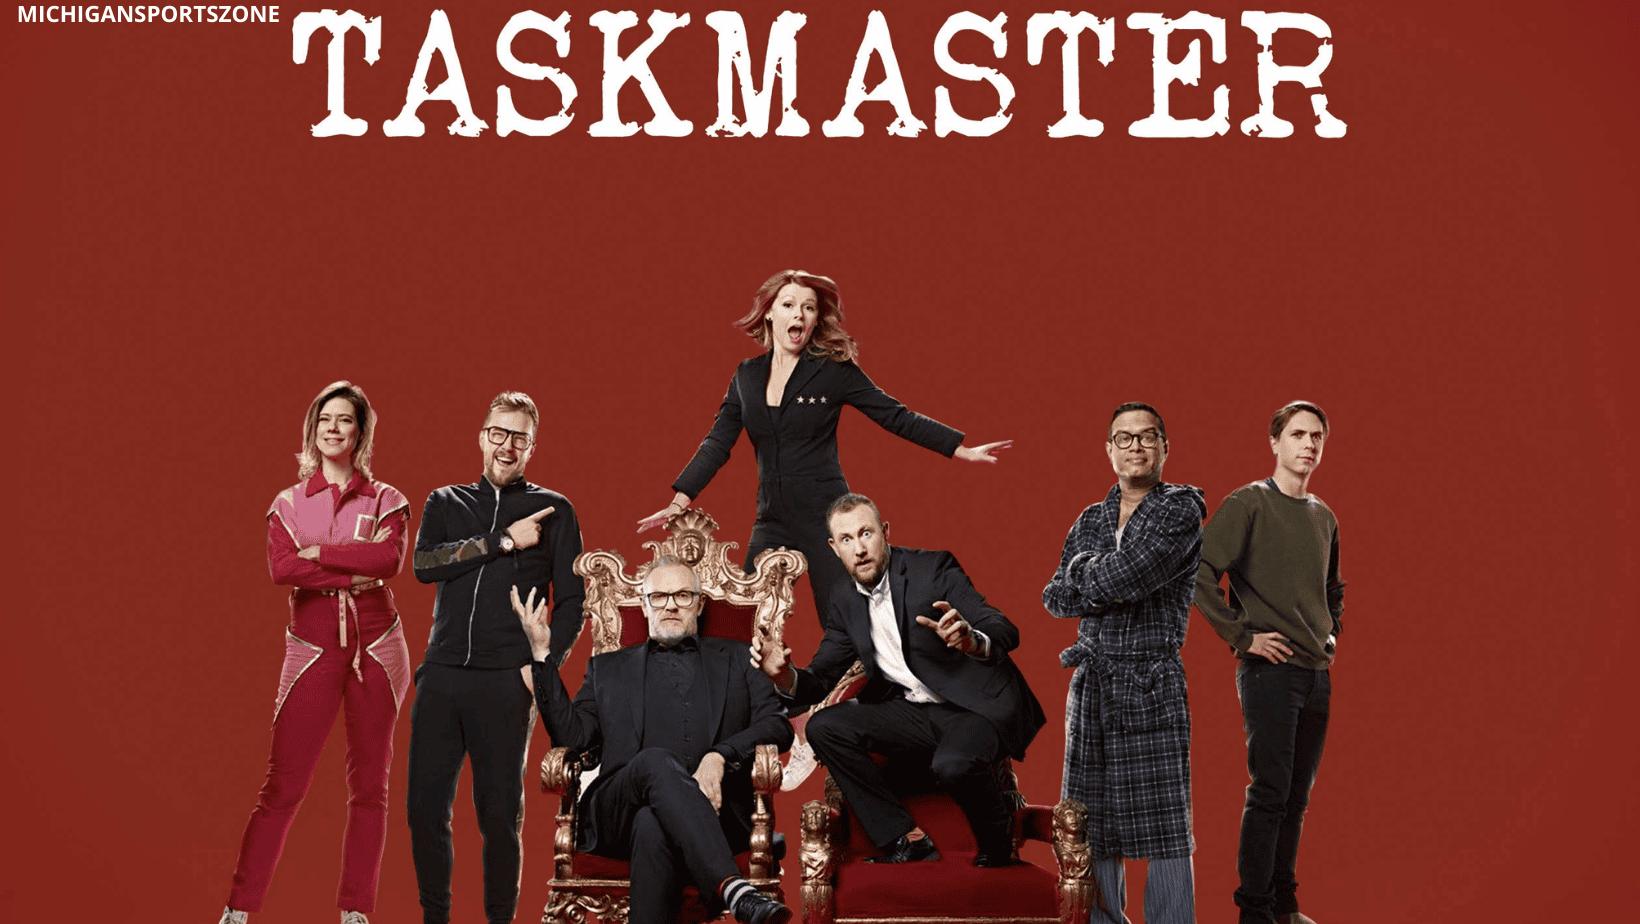 taskmaster series